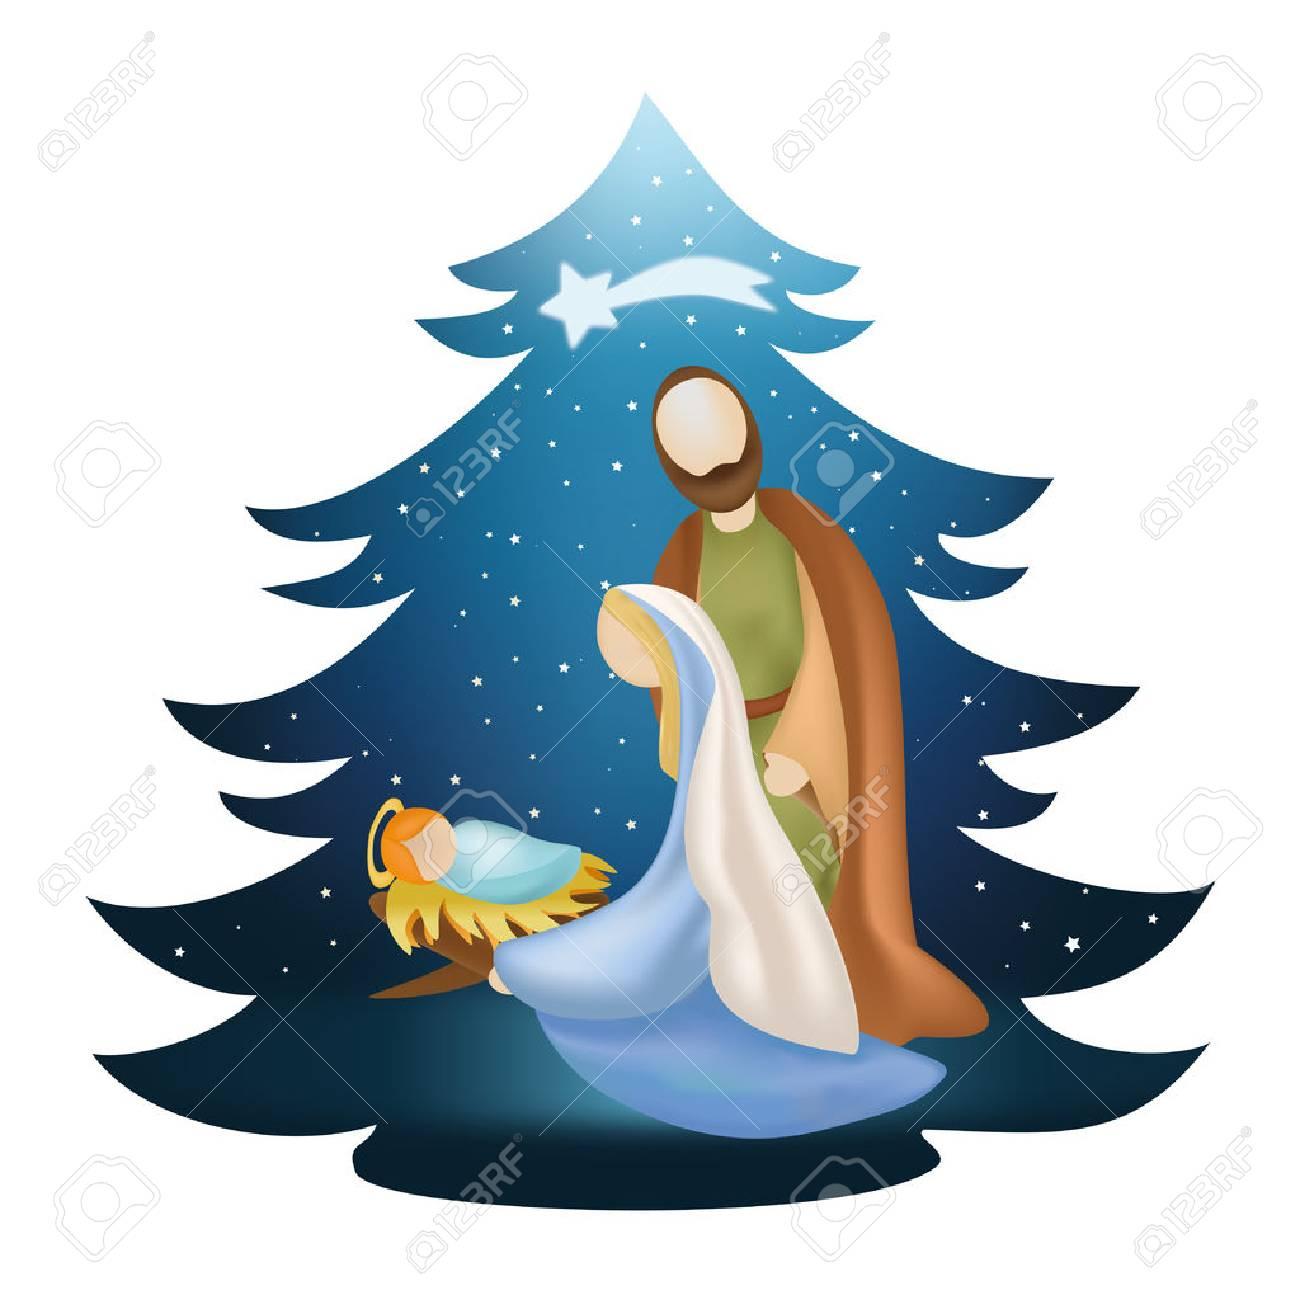 Christmas tree with Christmas tree - 89225493